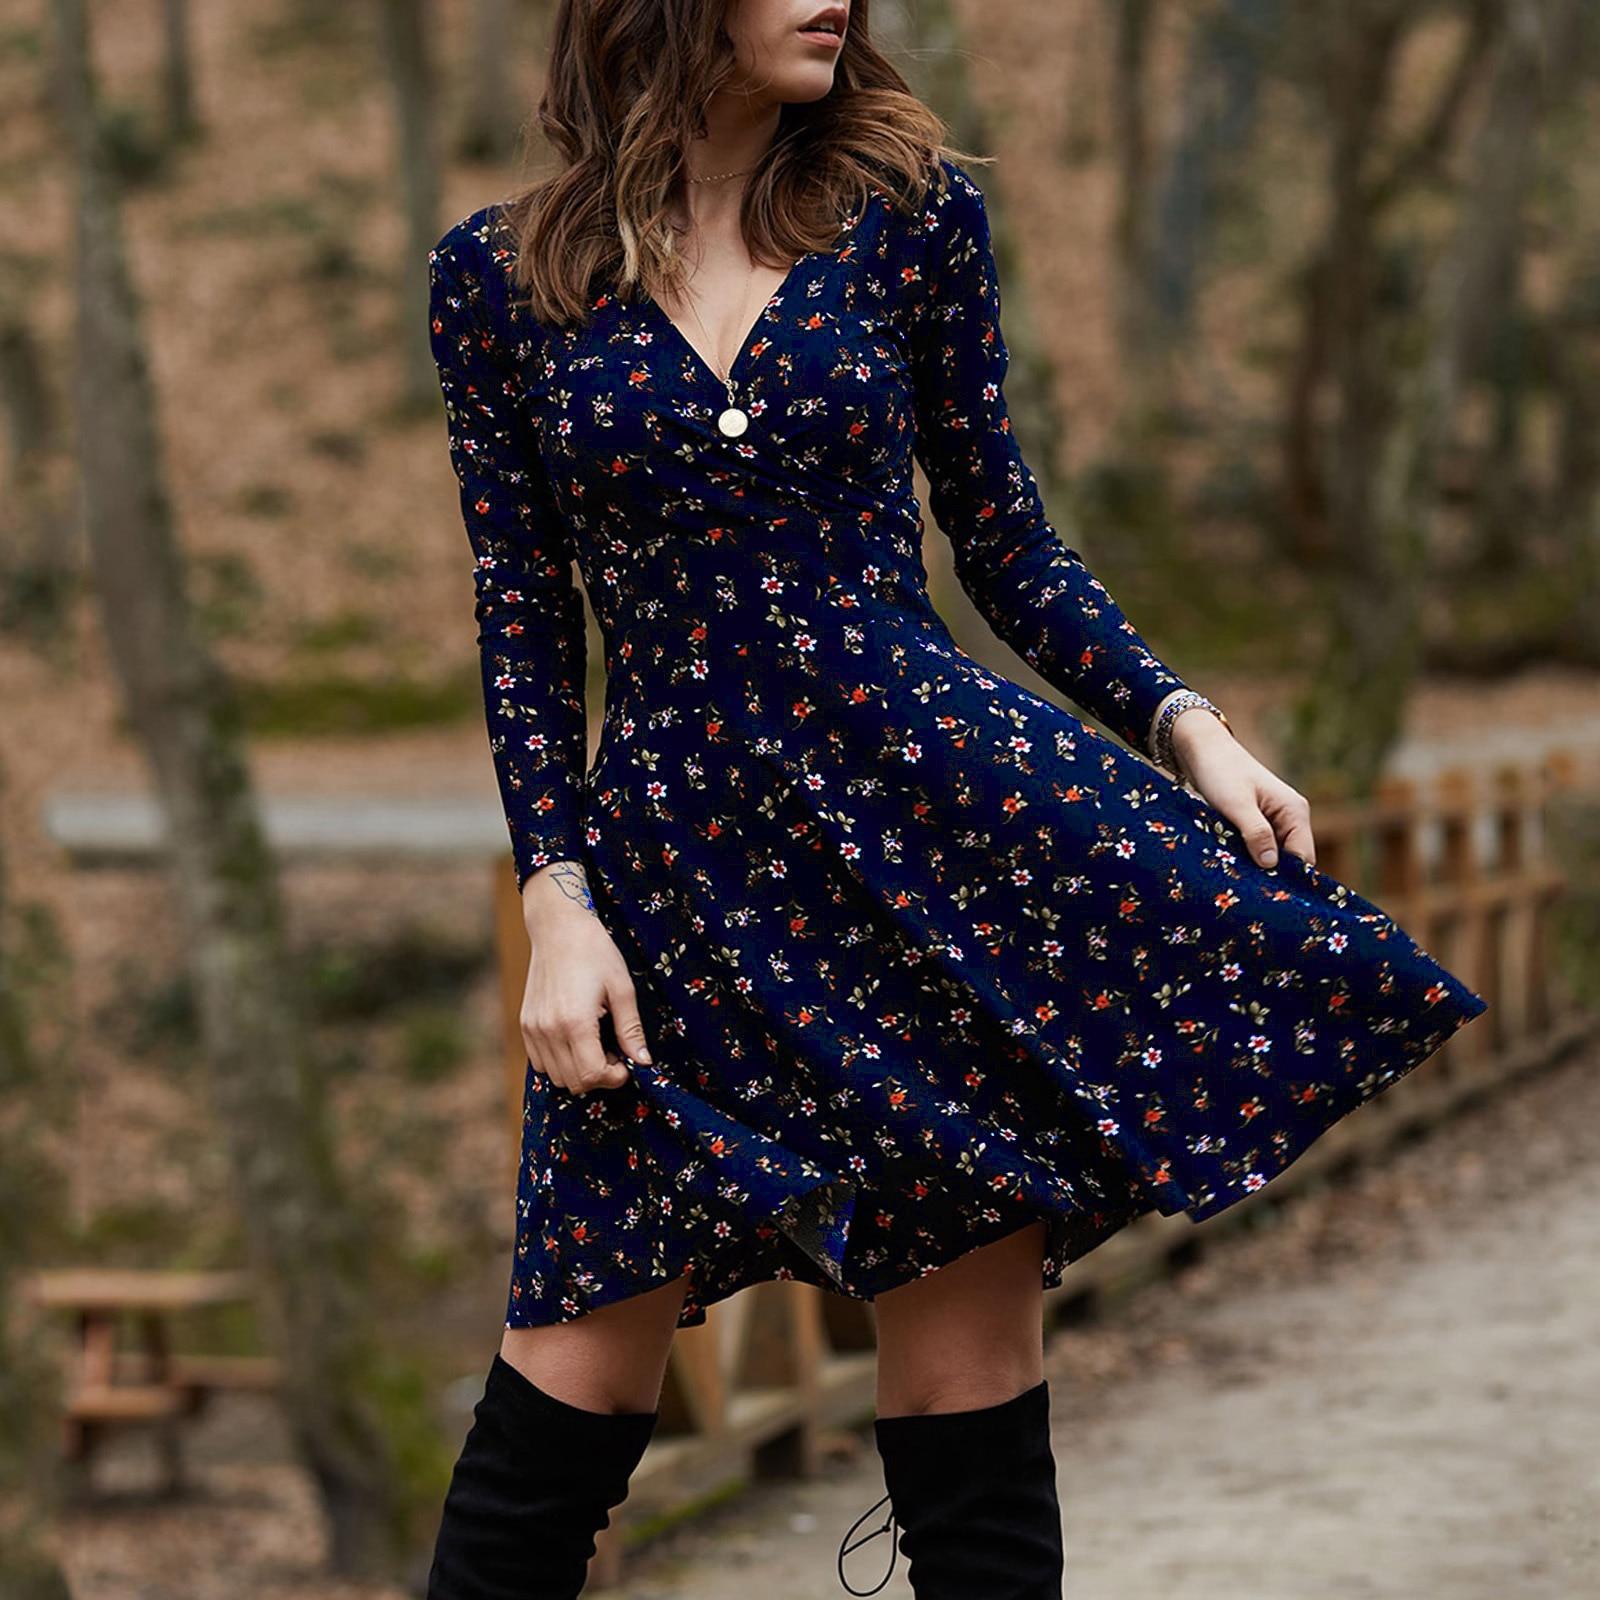 Женское винтажное платье с цветочным принтом, зеленое повседневное ТРАПЕЦИЕВИДНОЕ ПЛАТЬЕ С Длинным Рукавом, V-образным вырезом и цветочным ...